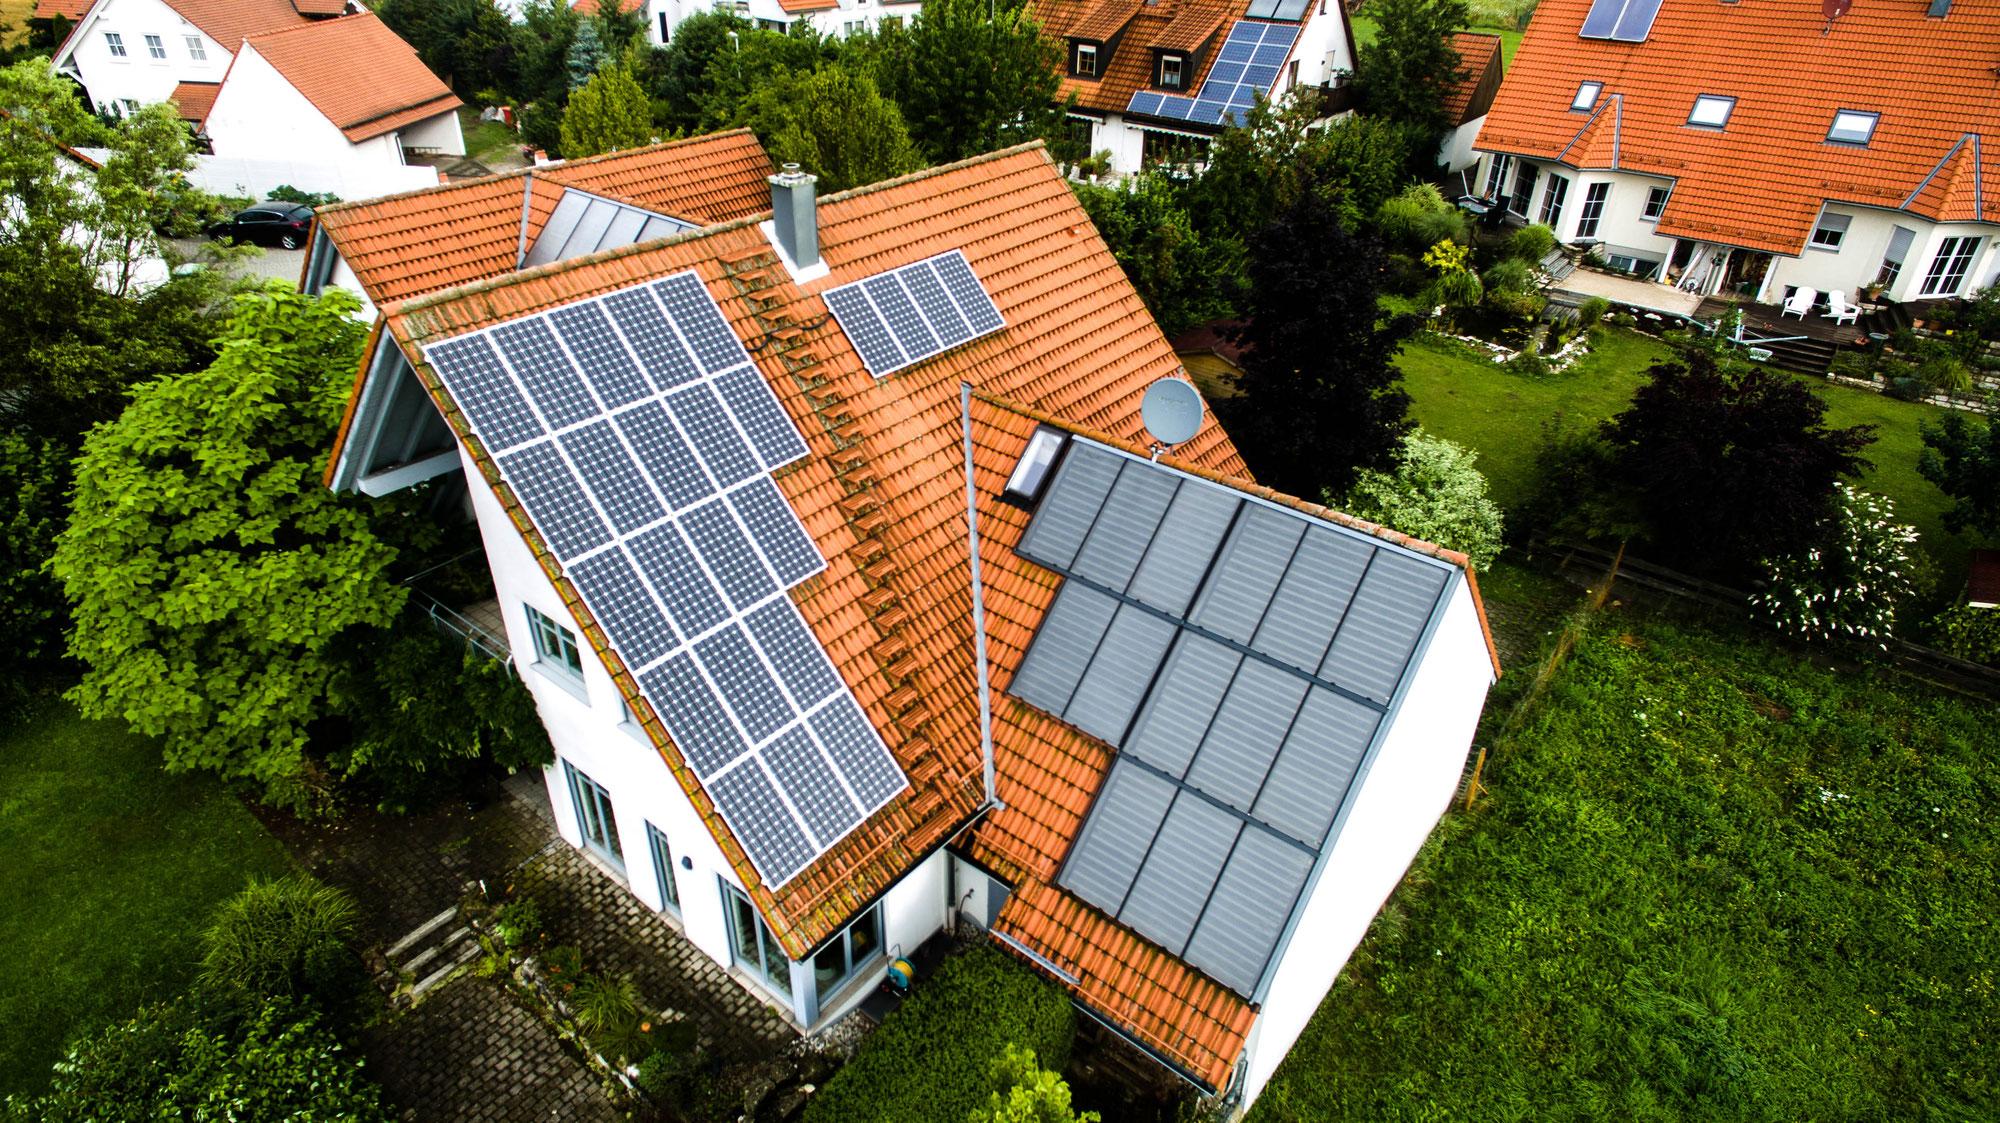 Photovoltaik - Solaranlage kaufen - in Lauf an der Pegnitz